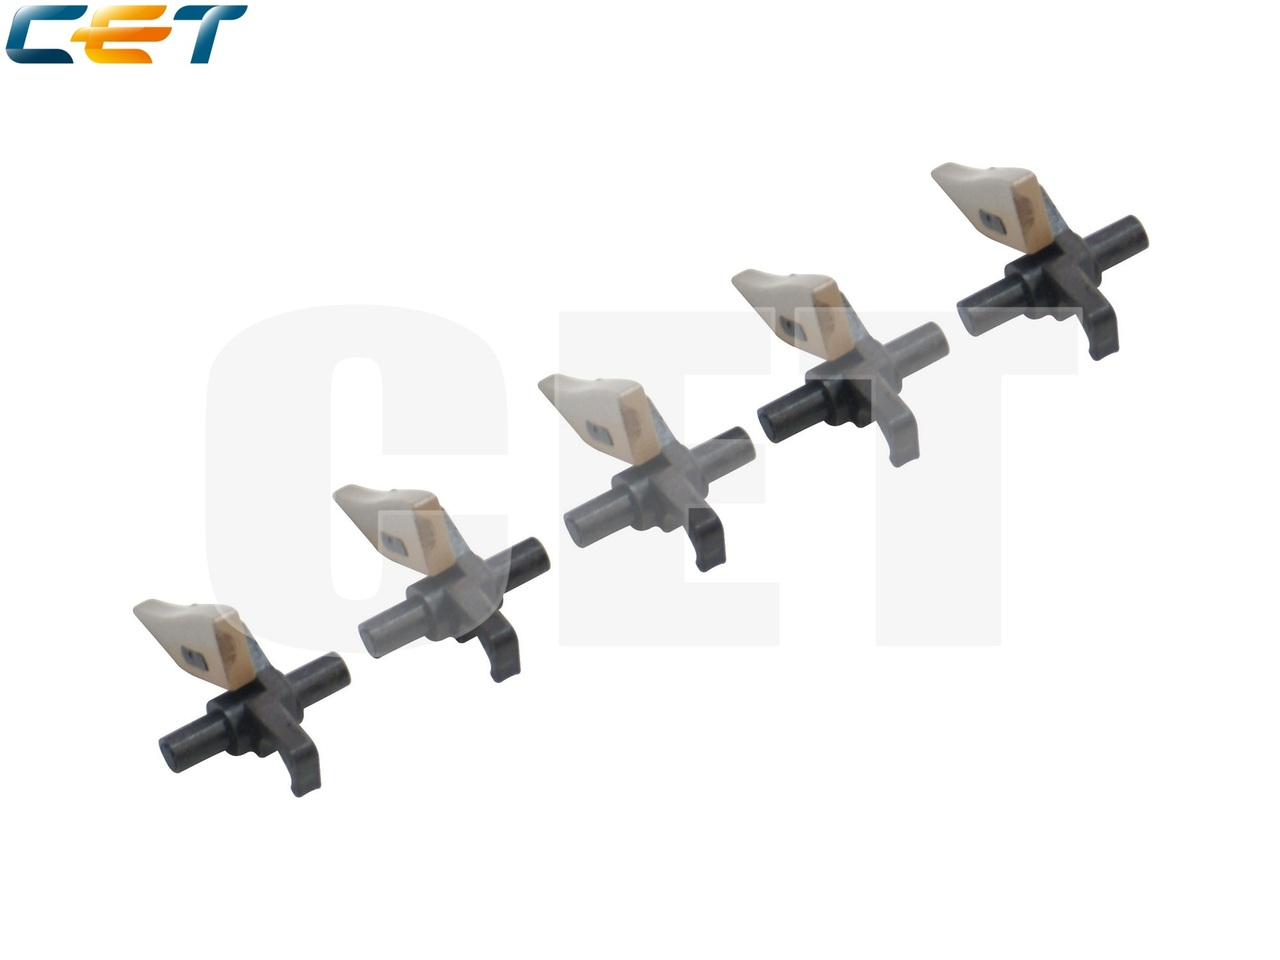 Сепаратор тефлонового вала 4021-5720-02 для KONICAMINOLTA Bizhub 162/163/180/210/220 (CET), CET7330